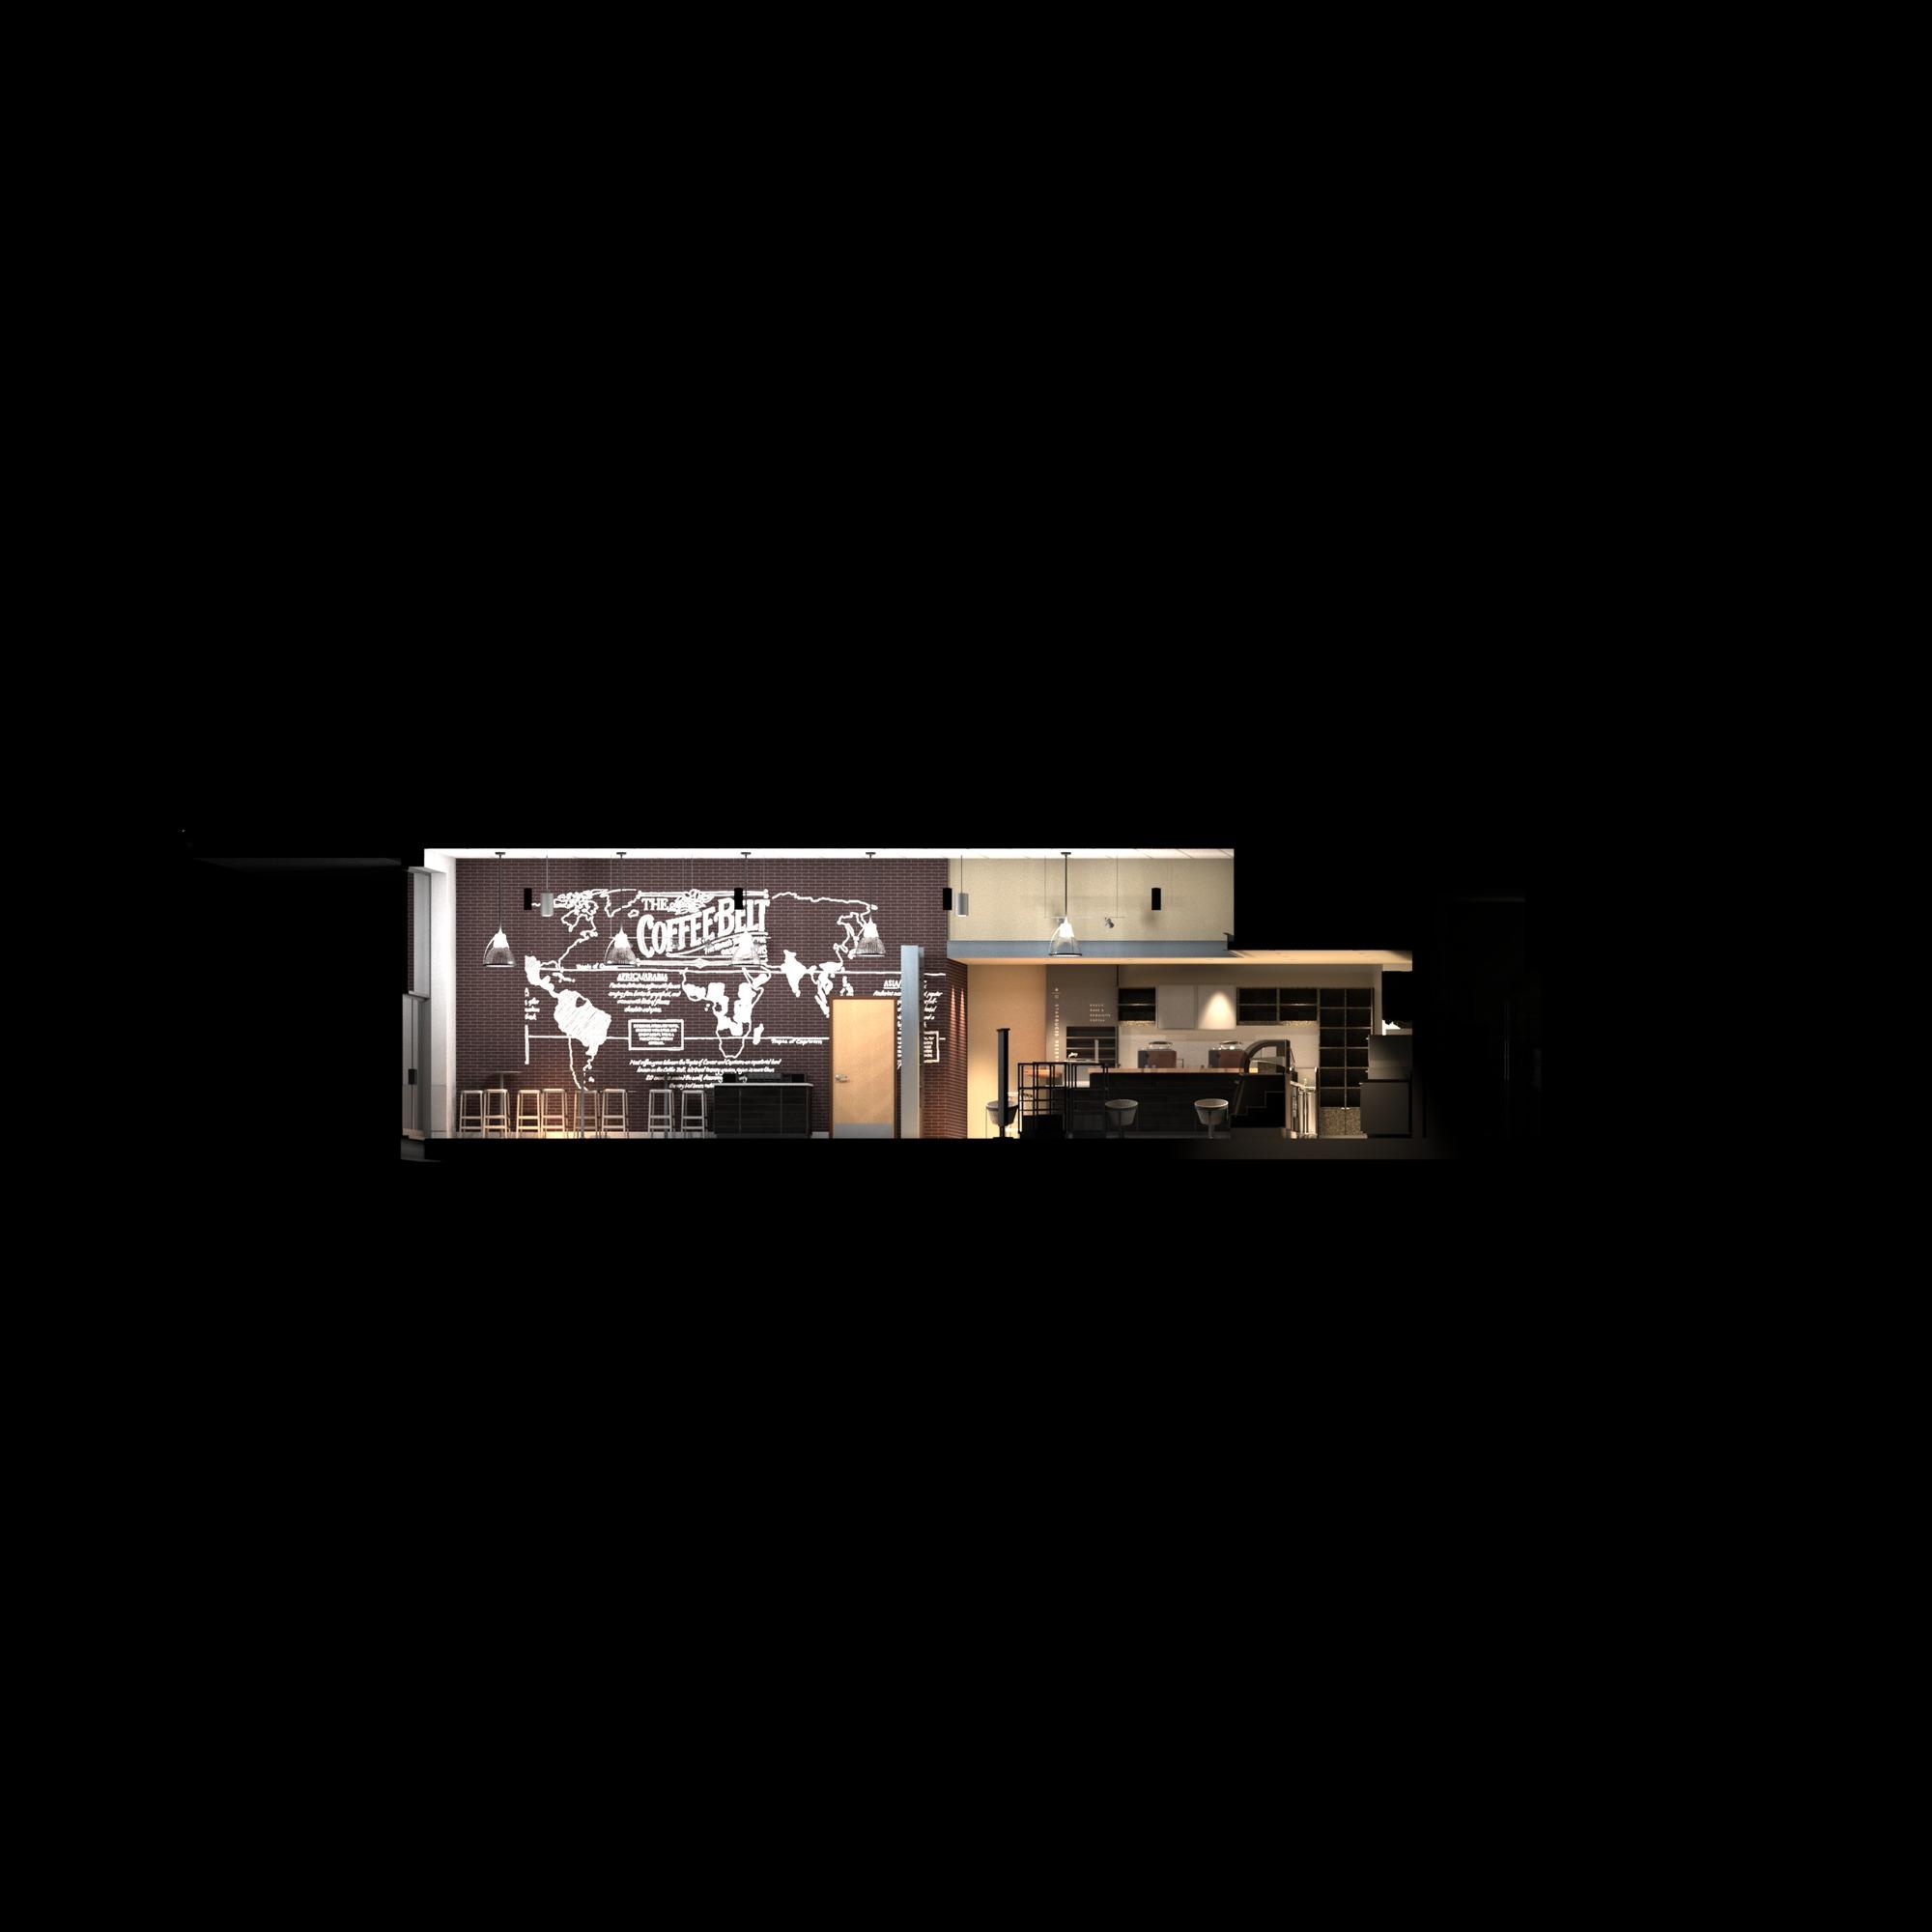 Raas-rendering20150205-8087-gyvy9r